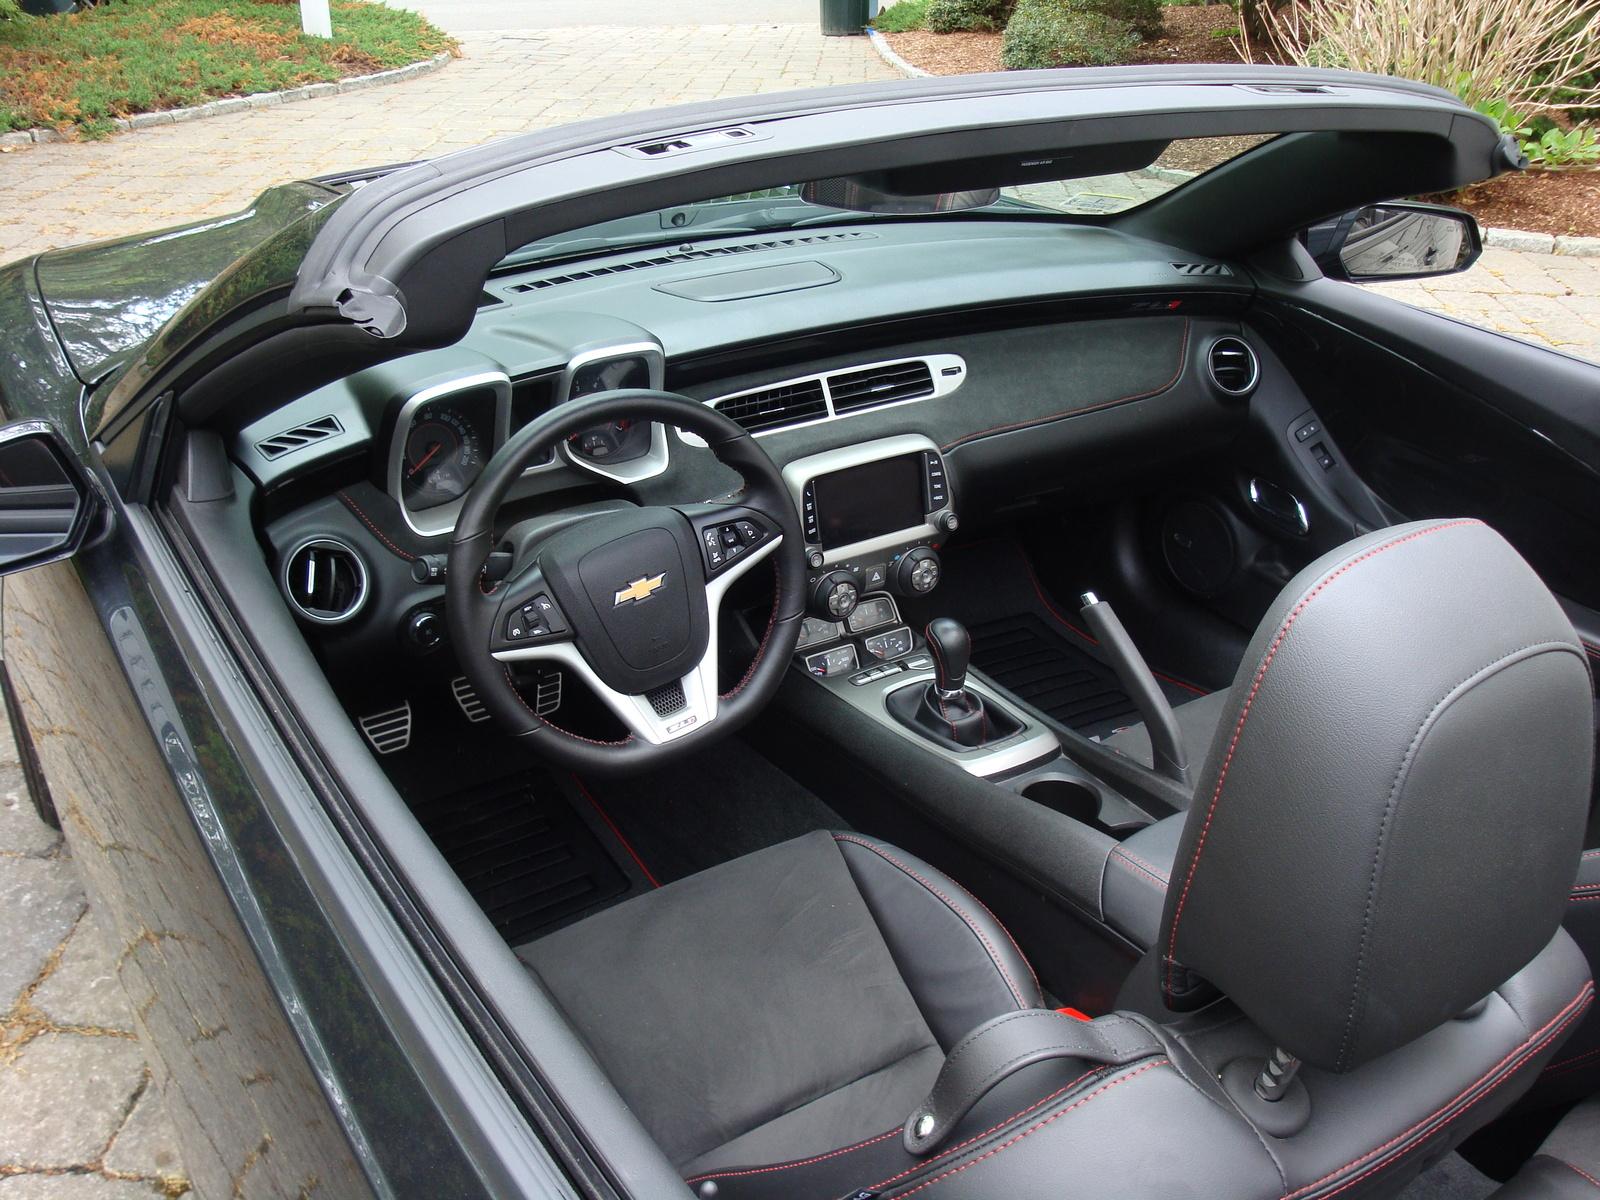 2013 Chevrolet Camaro Interior Pictures Cargurus